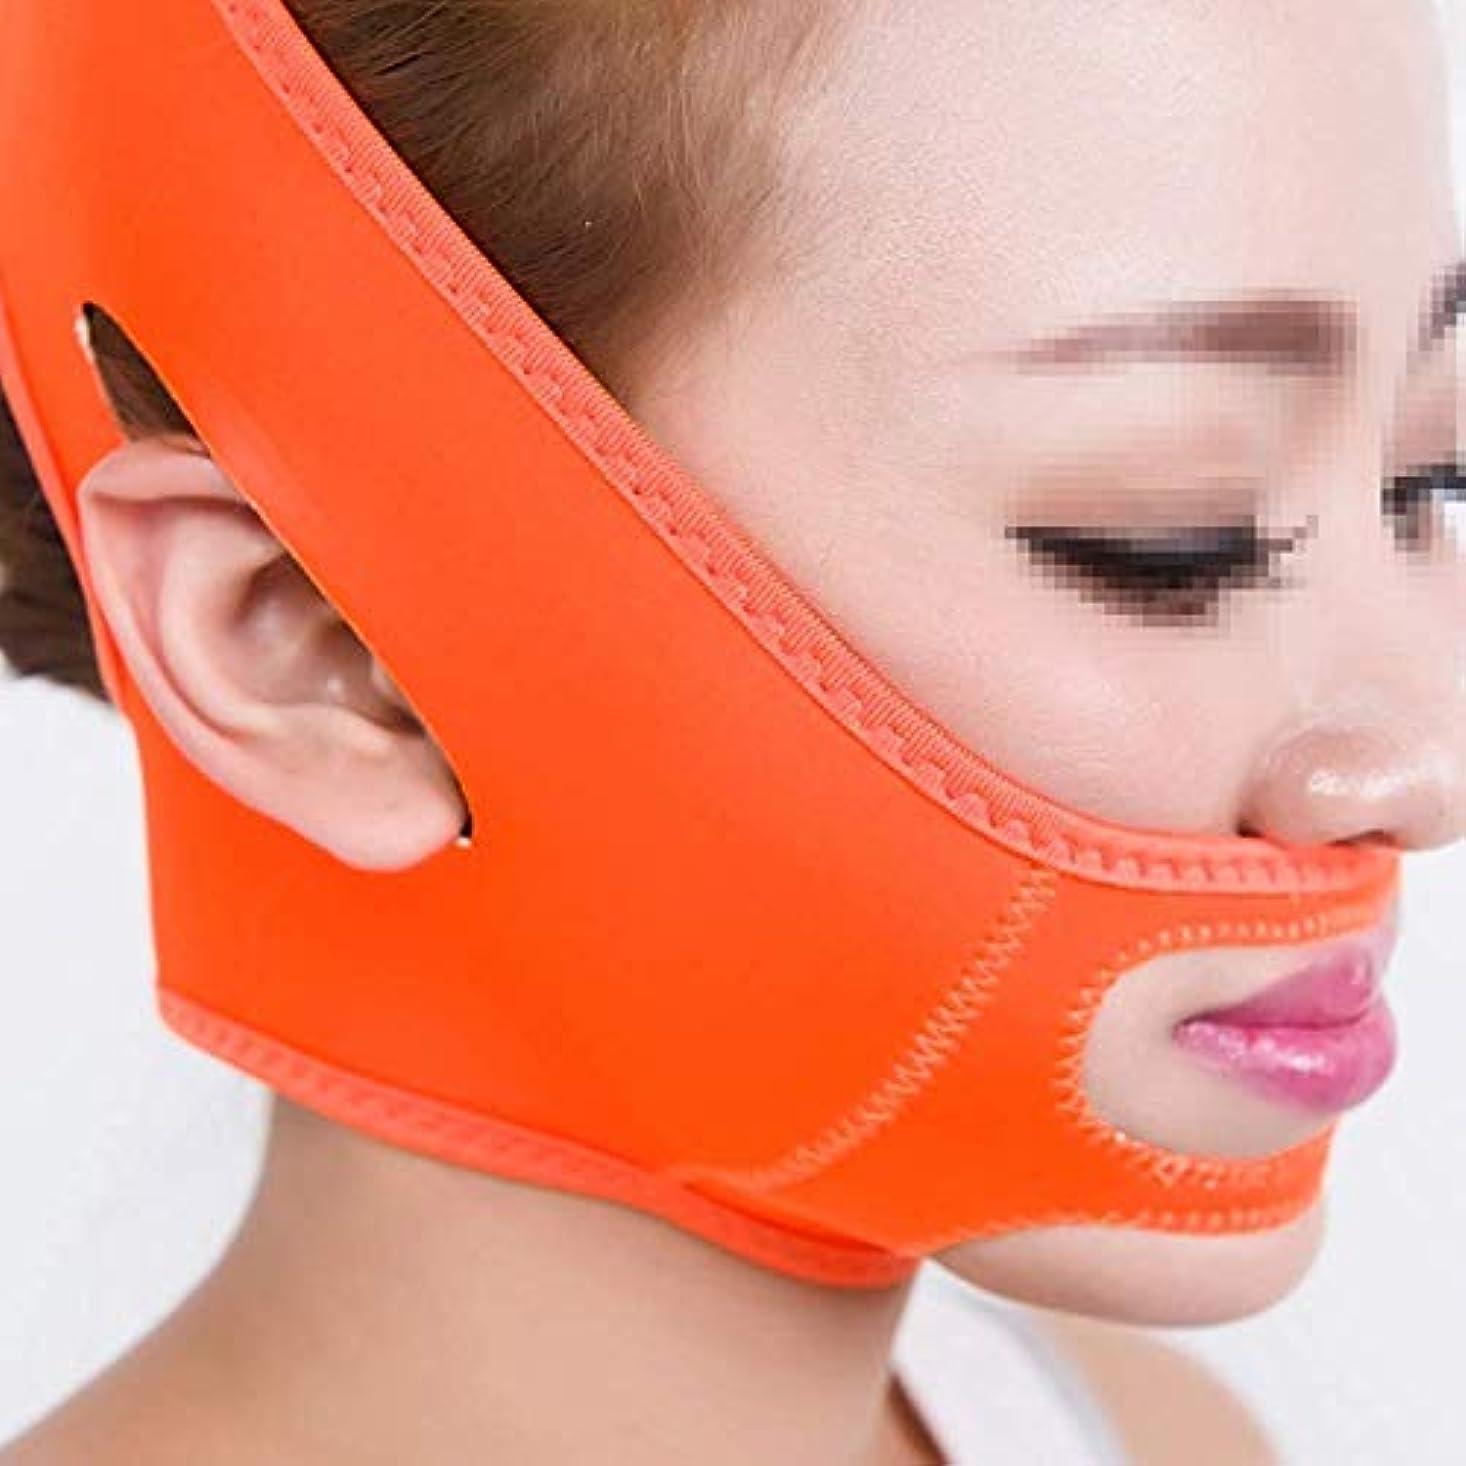 プレミアコカイン見て薄いフェイスベルト、Vフェイス、スリープマスク包帯、リフティングフェイス、ダブルチンフェイスマスク、マルチカラーオプション(色:オレンジ)